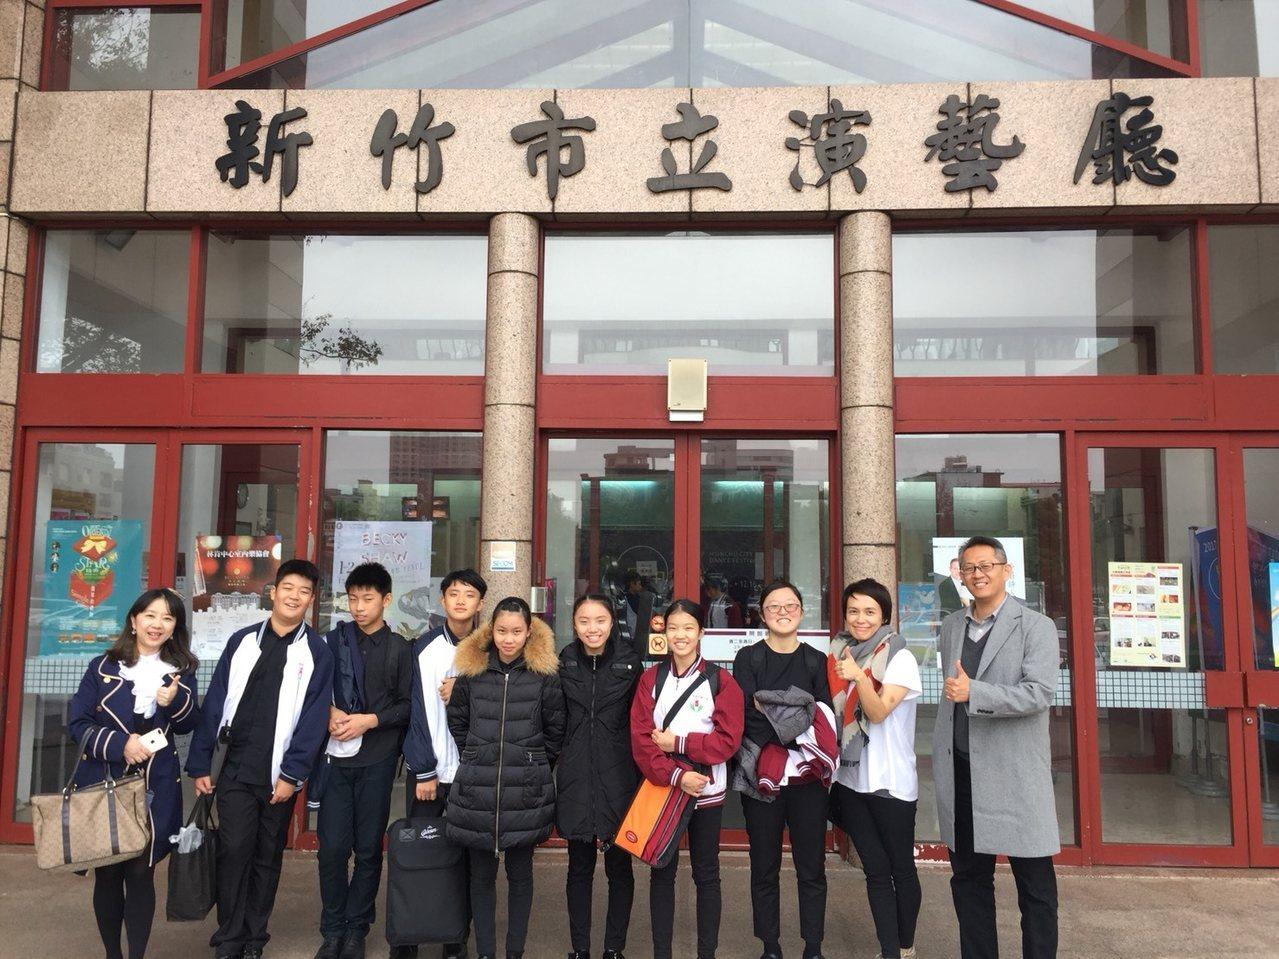 建華國中國中團體組打擊樂合奏榮獲特優,進入全國賽光華國中打擊樂合奏國中團體組榮獲...